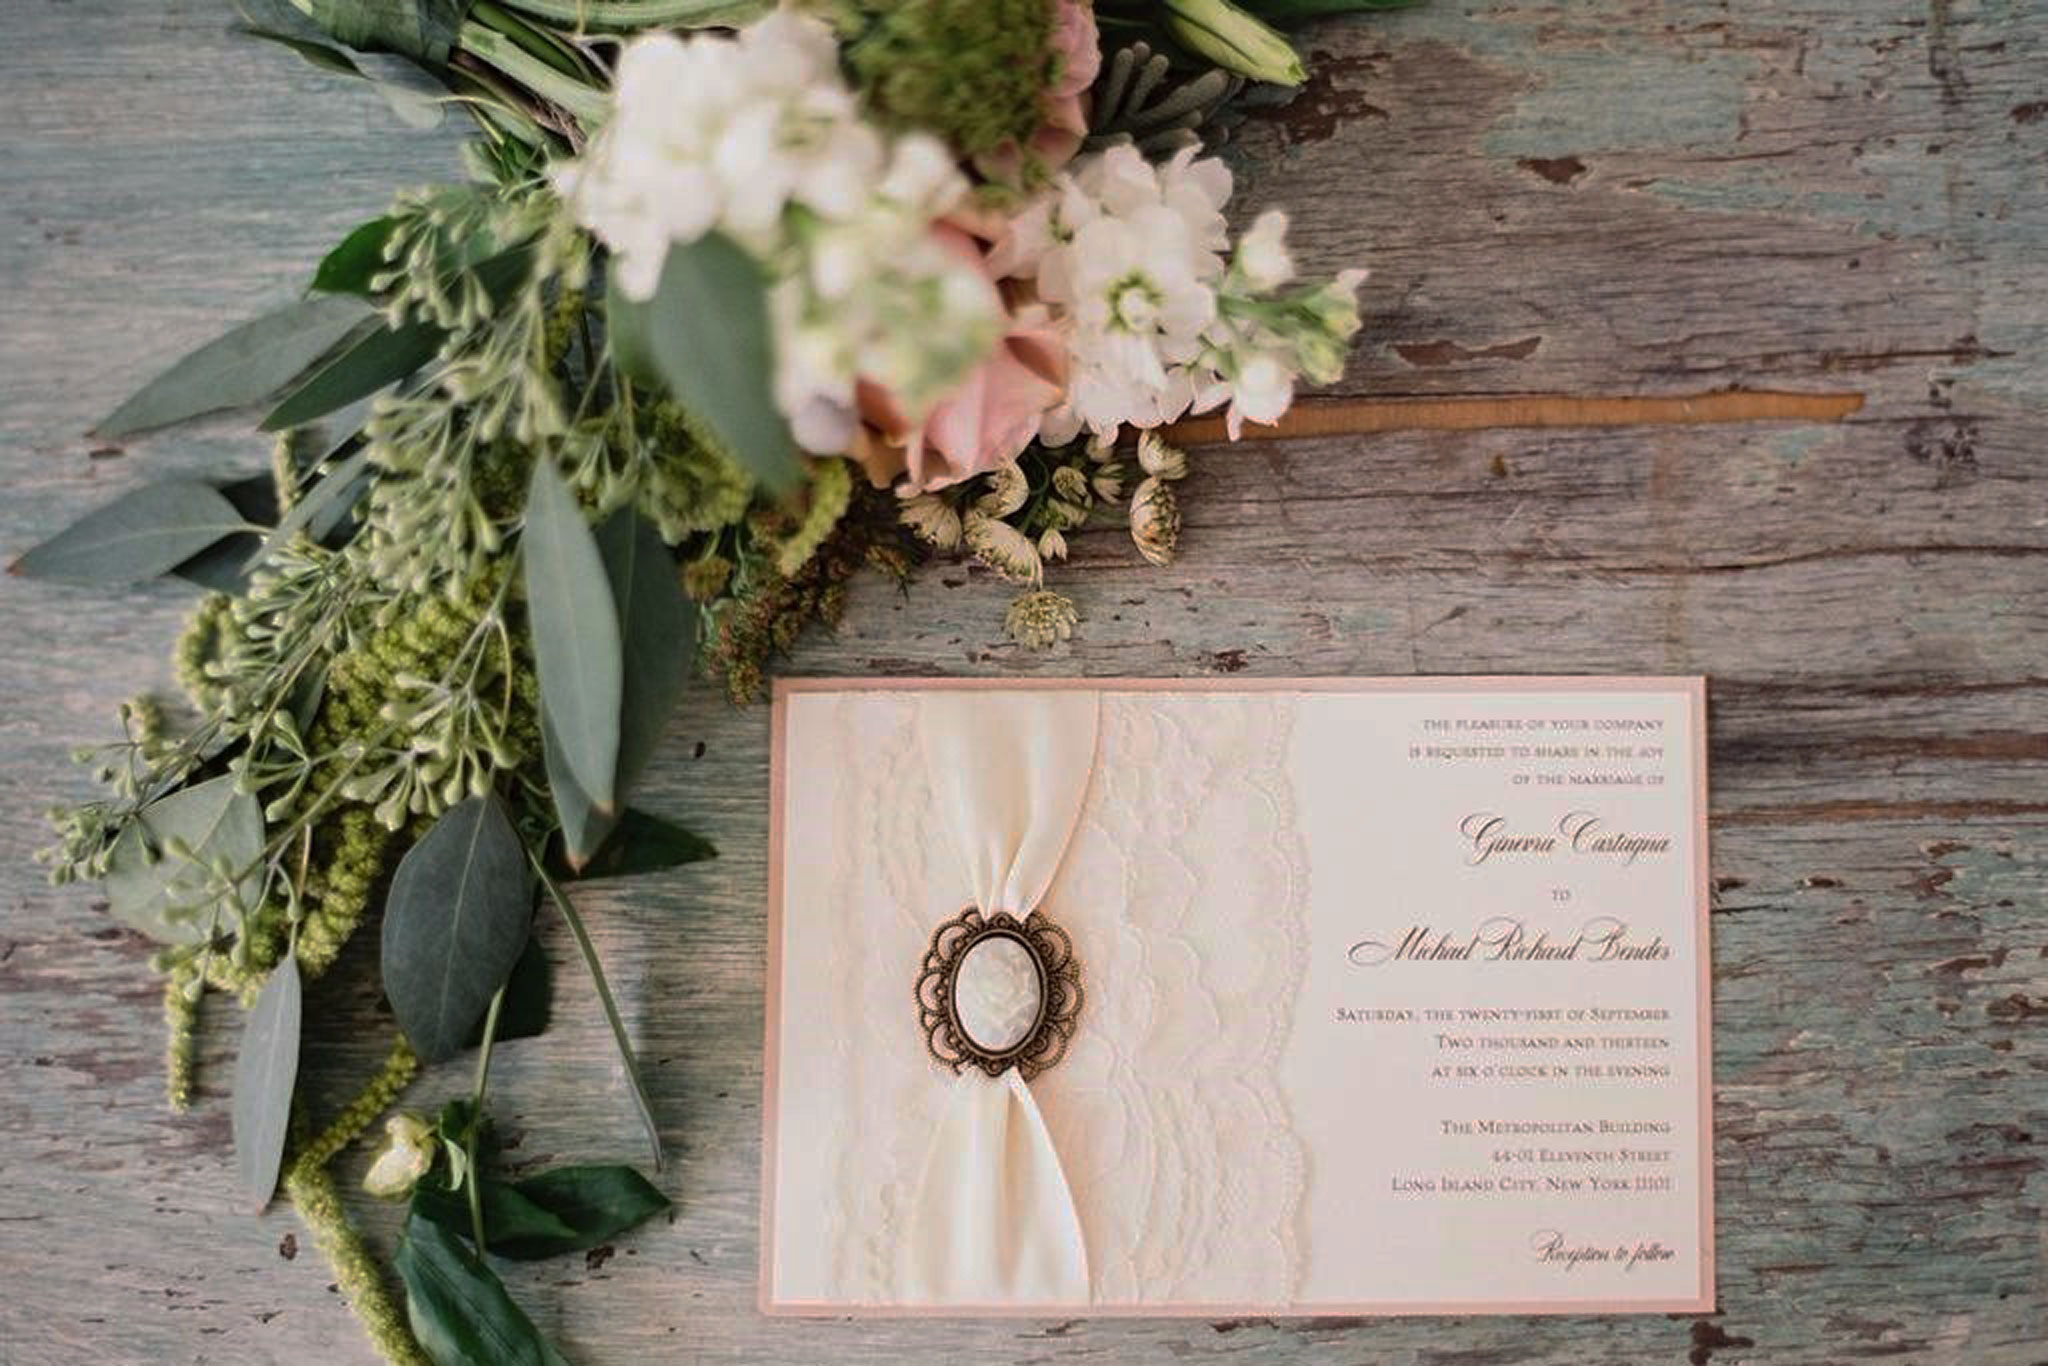 Hochzeitseinladungen selbst gestalten - Günstige Einladungskarten zur Hochzeit